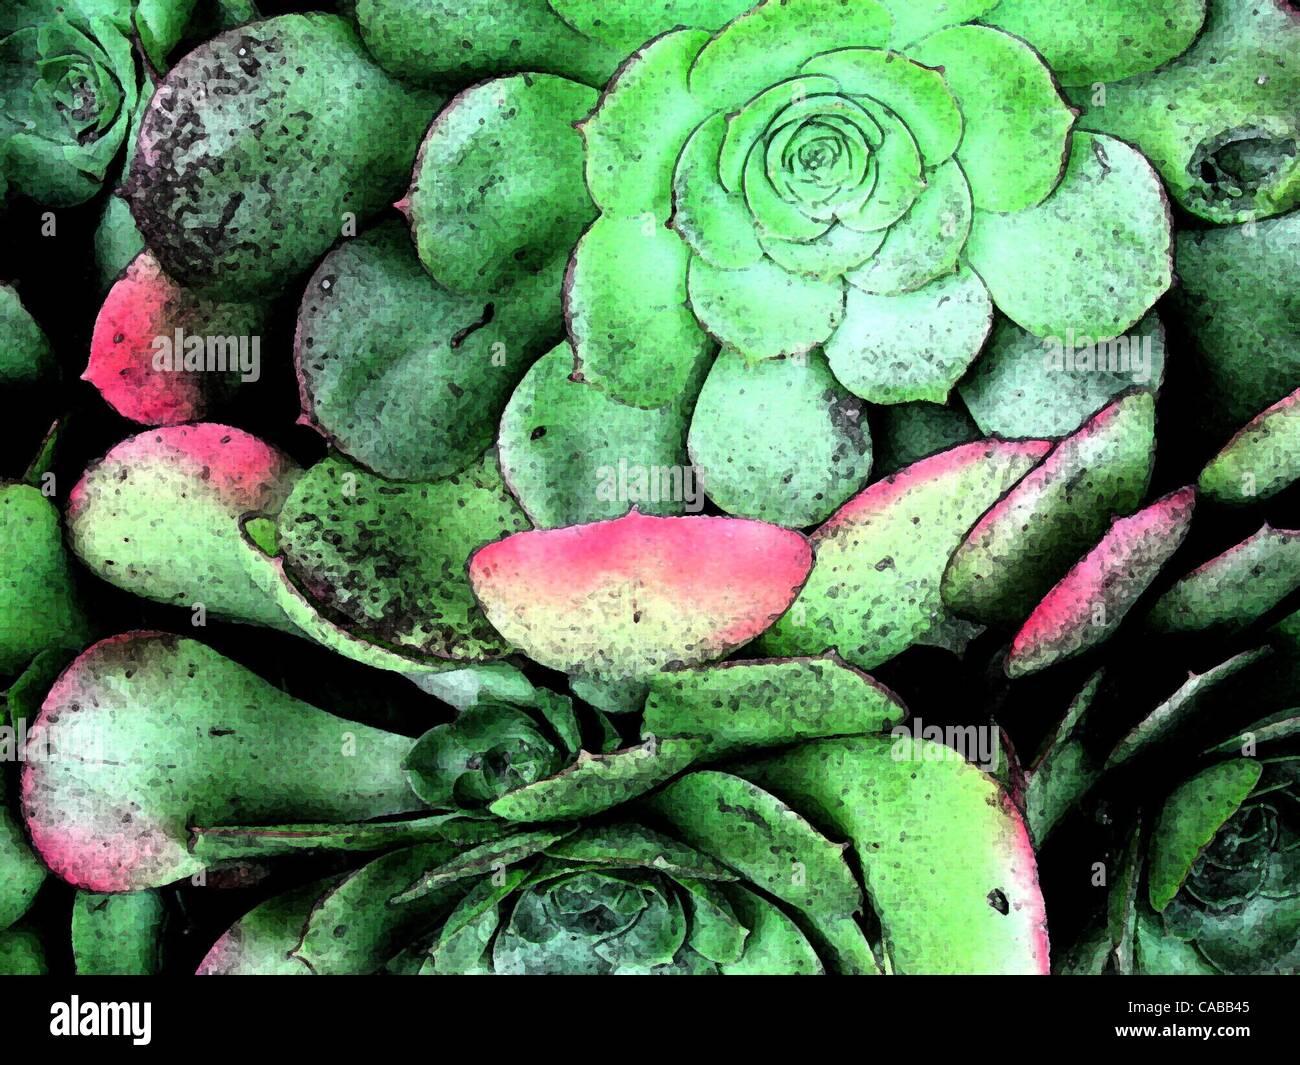 3. Juni 2004; Los Angeles, Kalifornien, USA; Saftige Grünpflanzen. Stockfoto